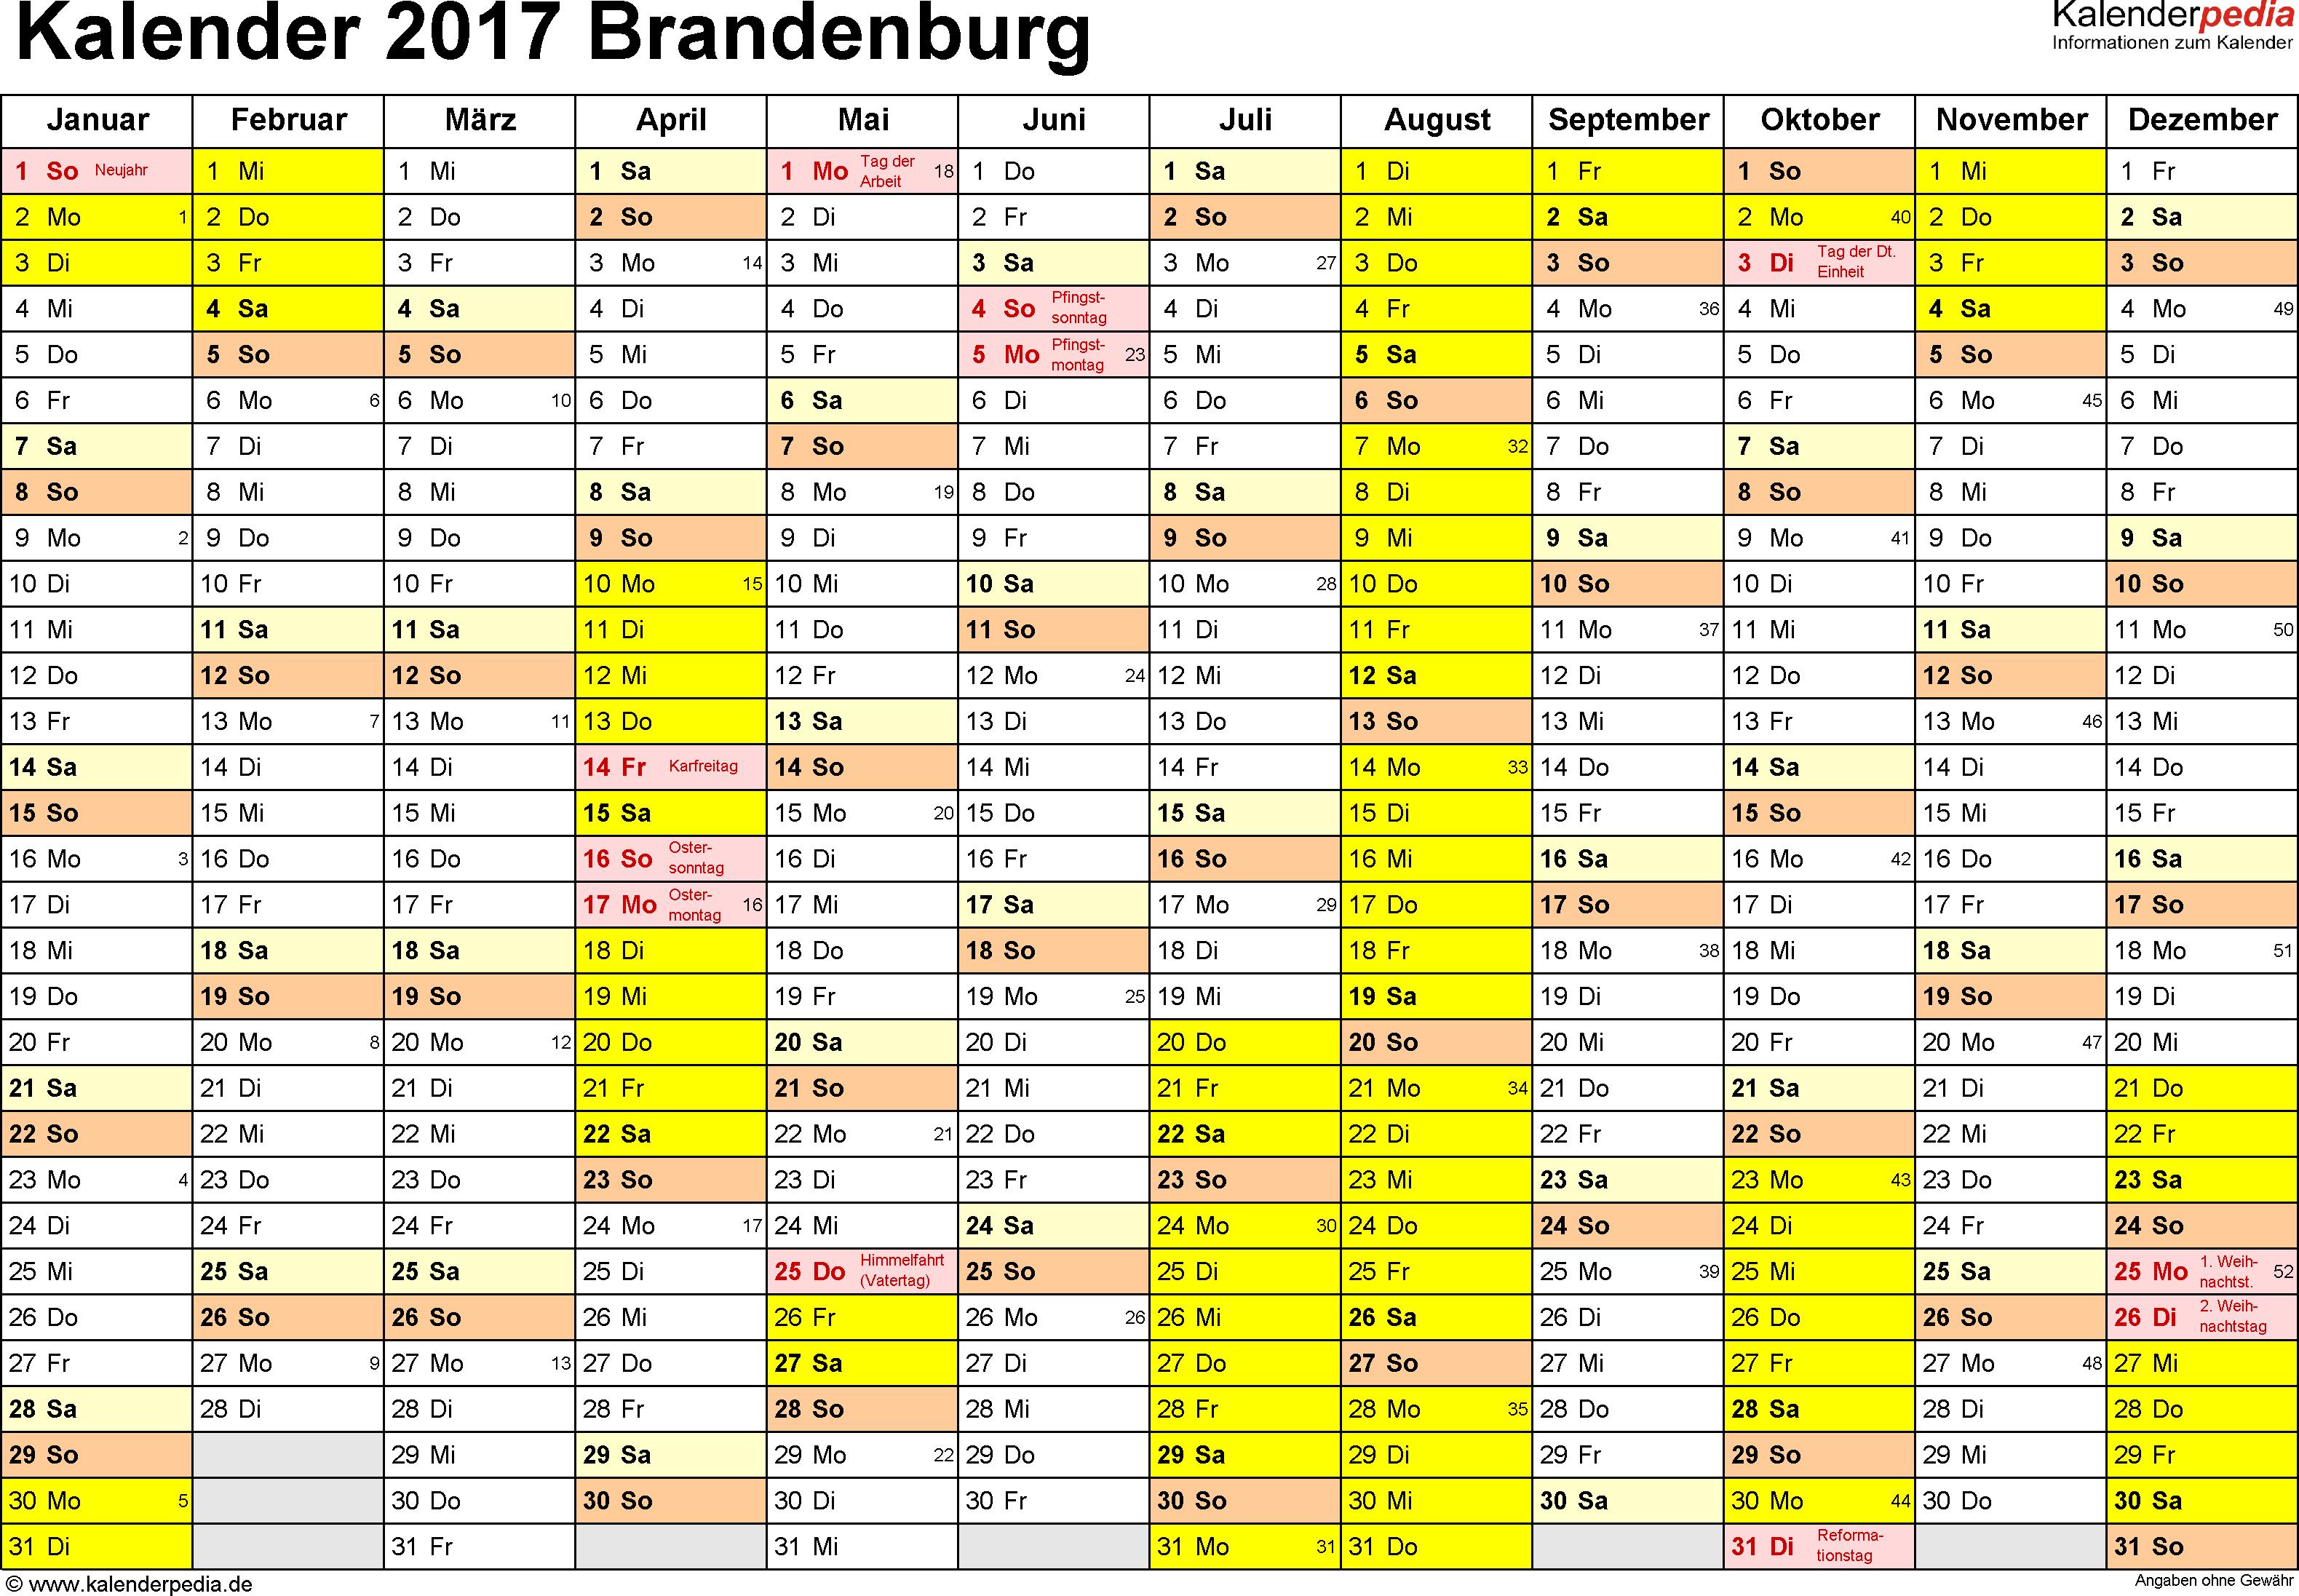 Vorlage 1: Kalender 2017 für Brandenburg als PDF-Vorlage (Querformat, 1 Seite)